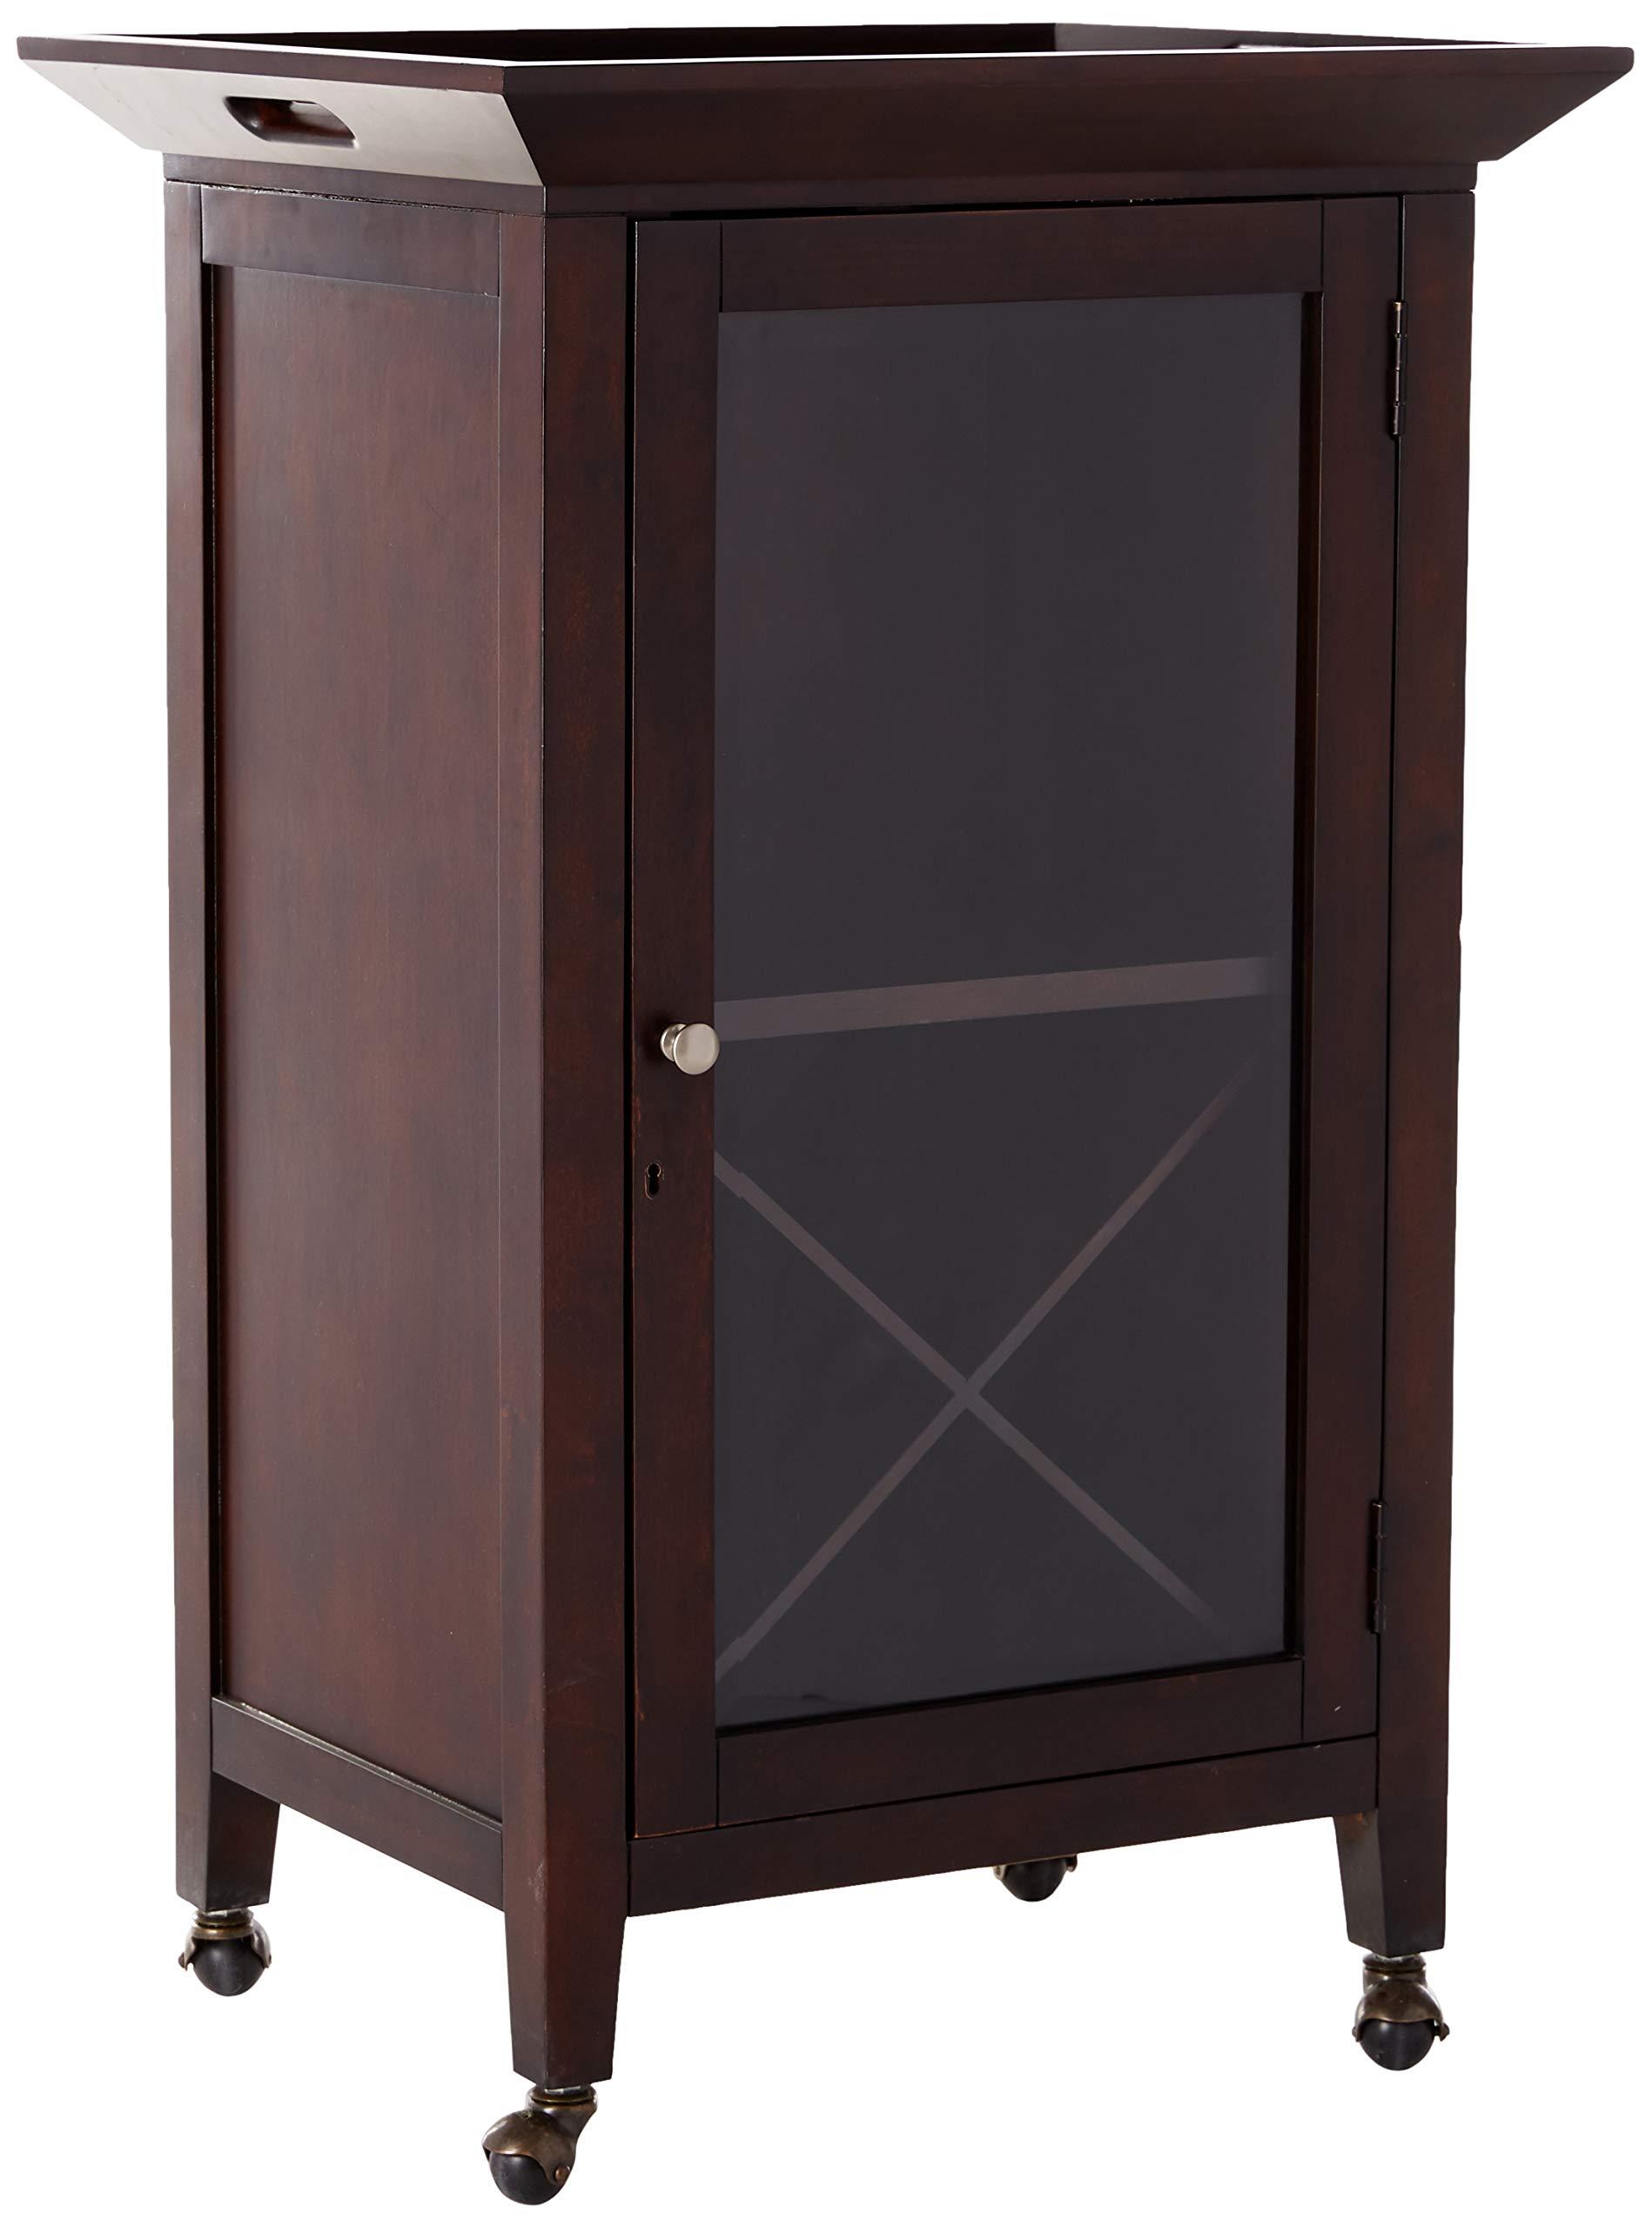 Howard Miller 695-074 Butler Wine & Bar Cabinet by Howard Miller